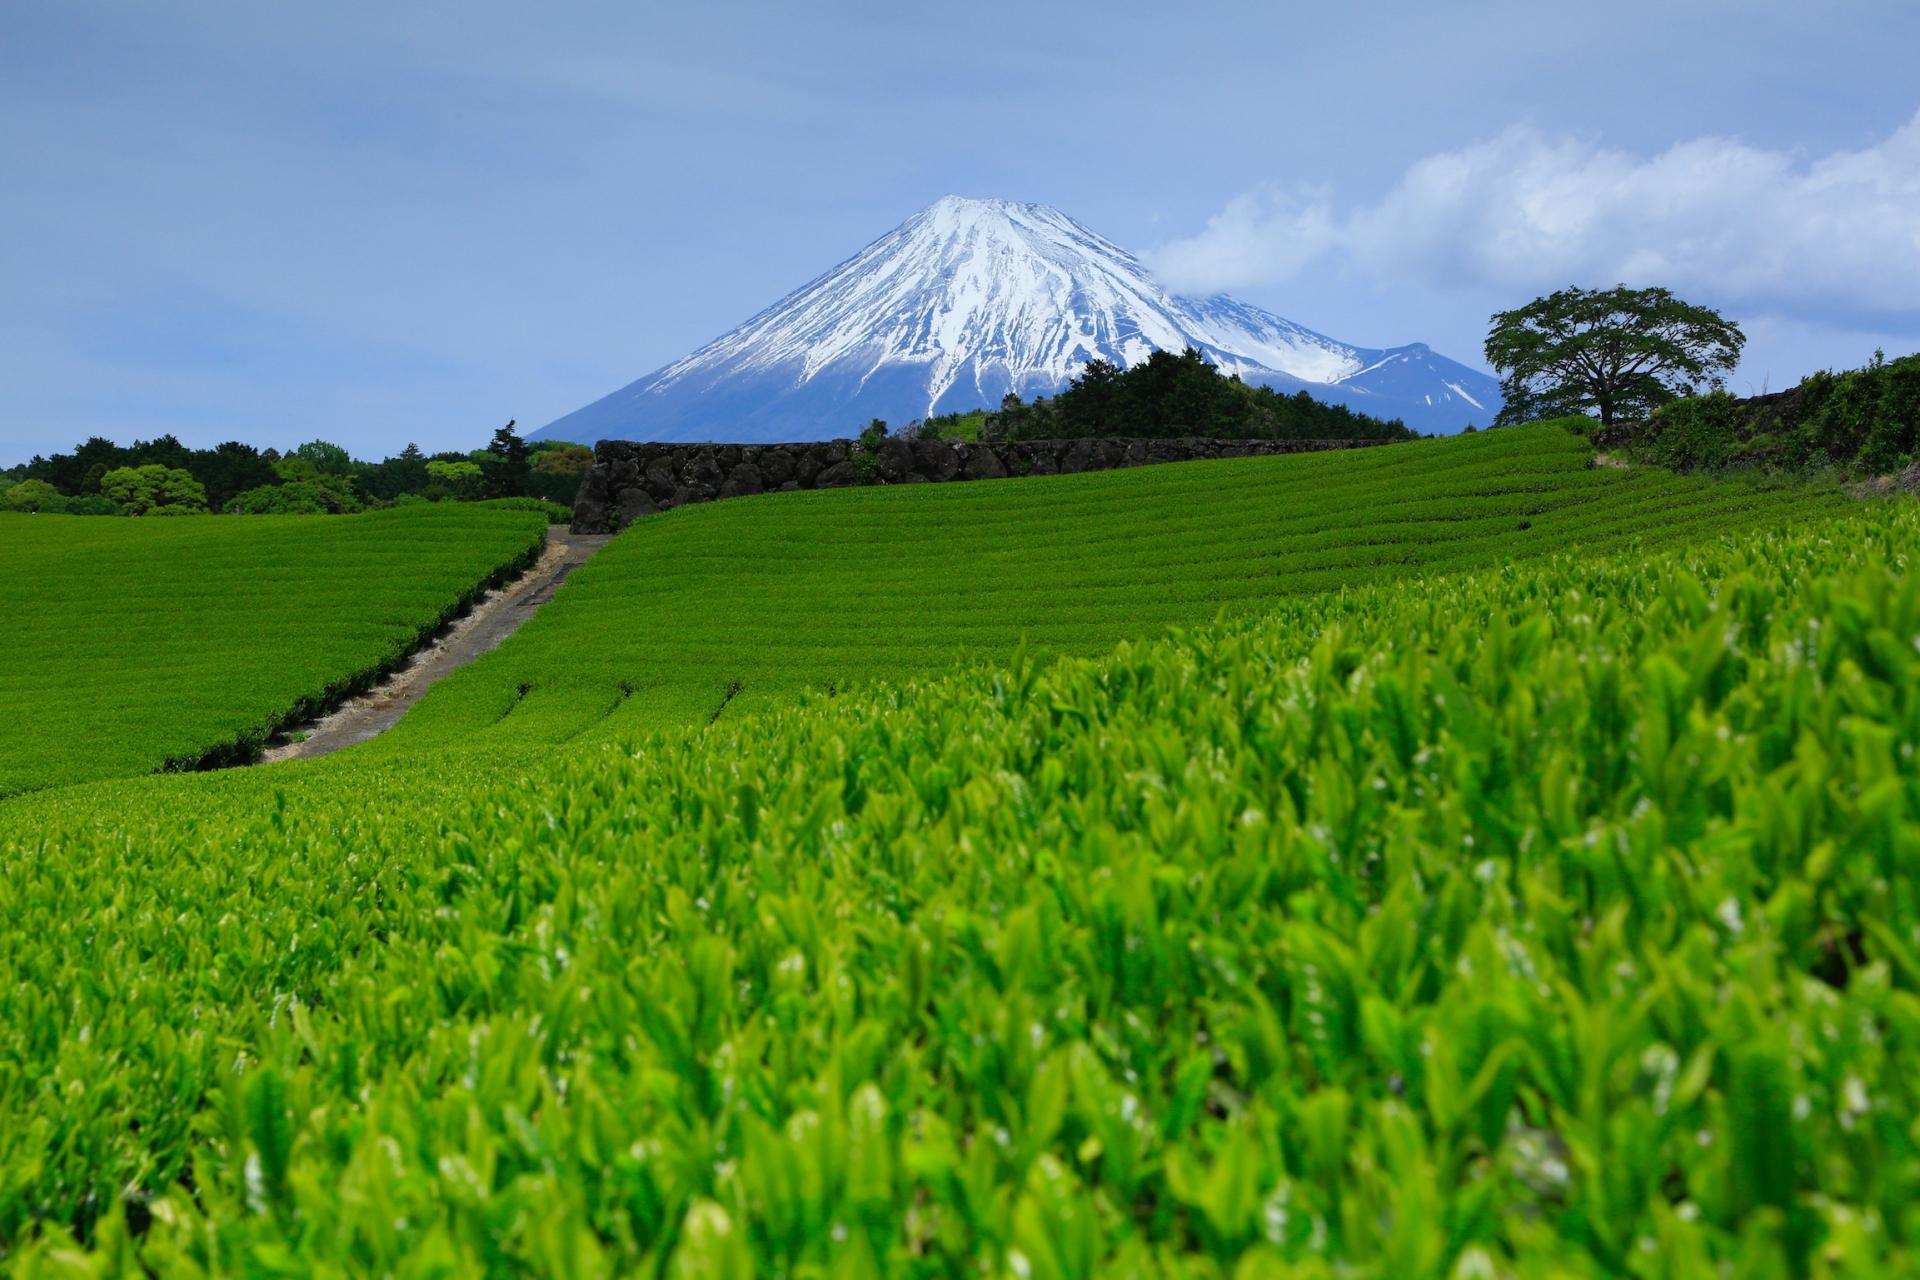 静岡県茶畑と富士